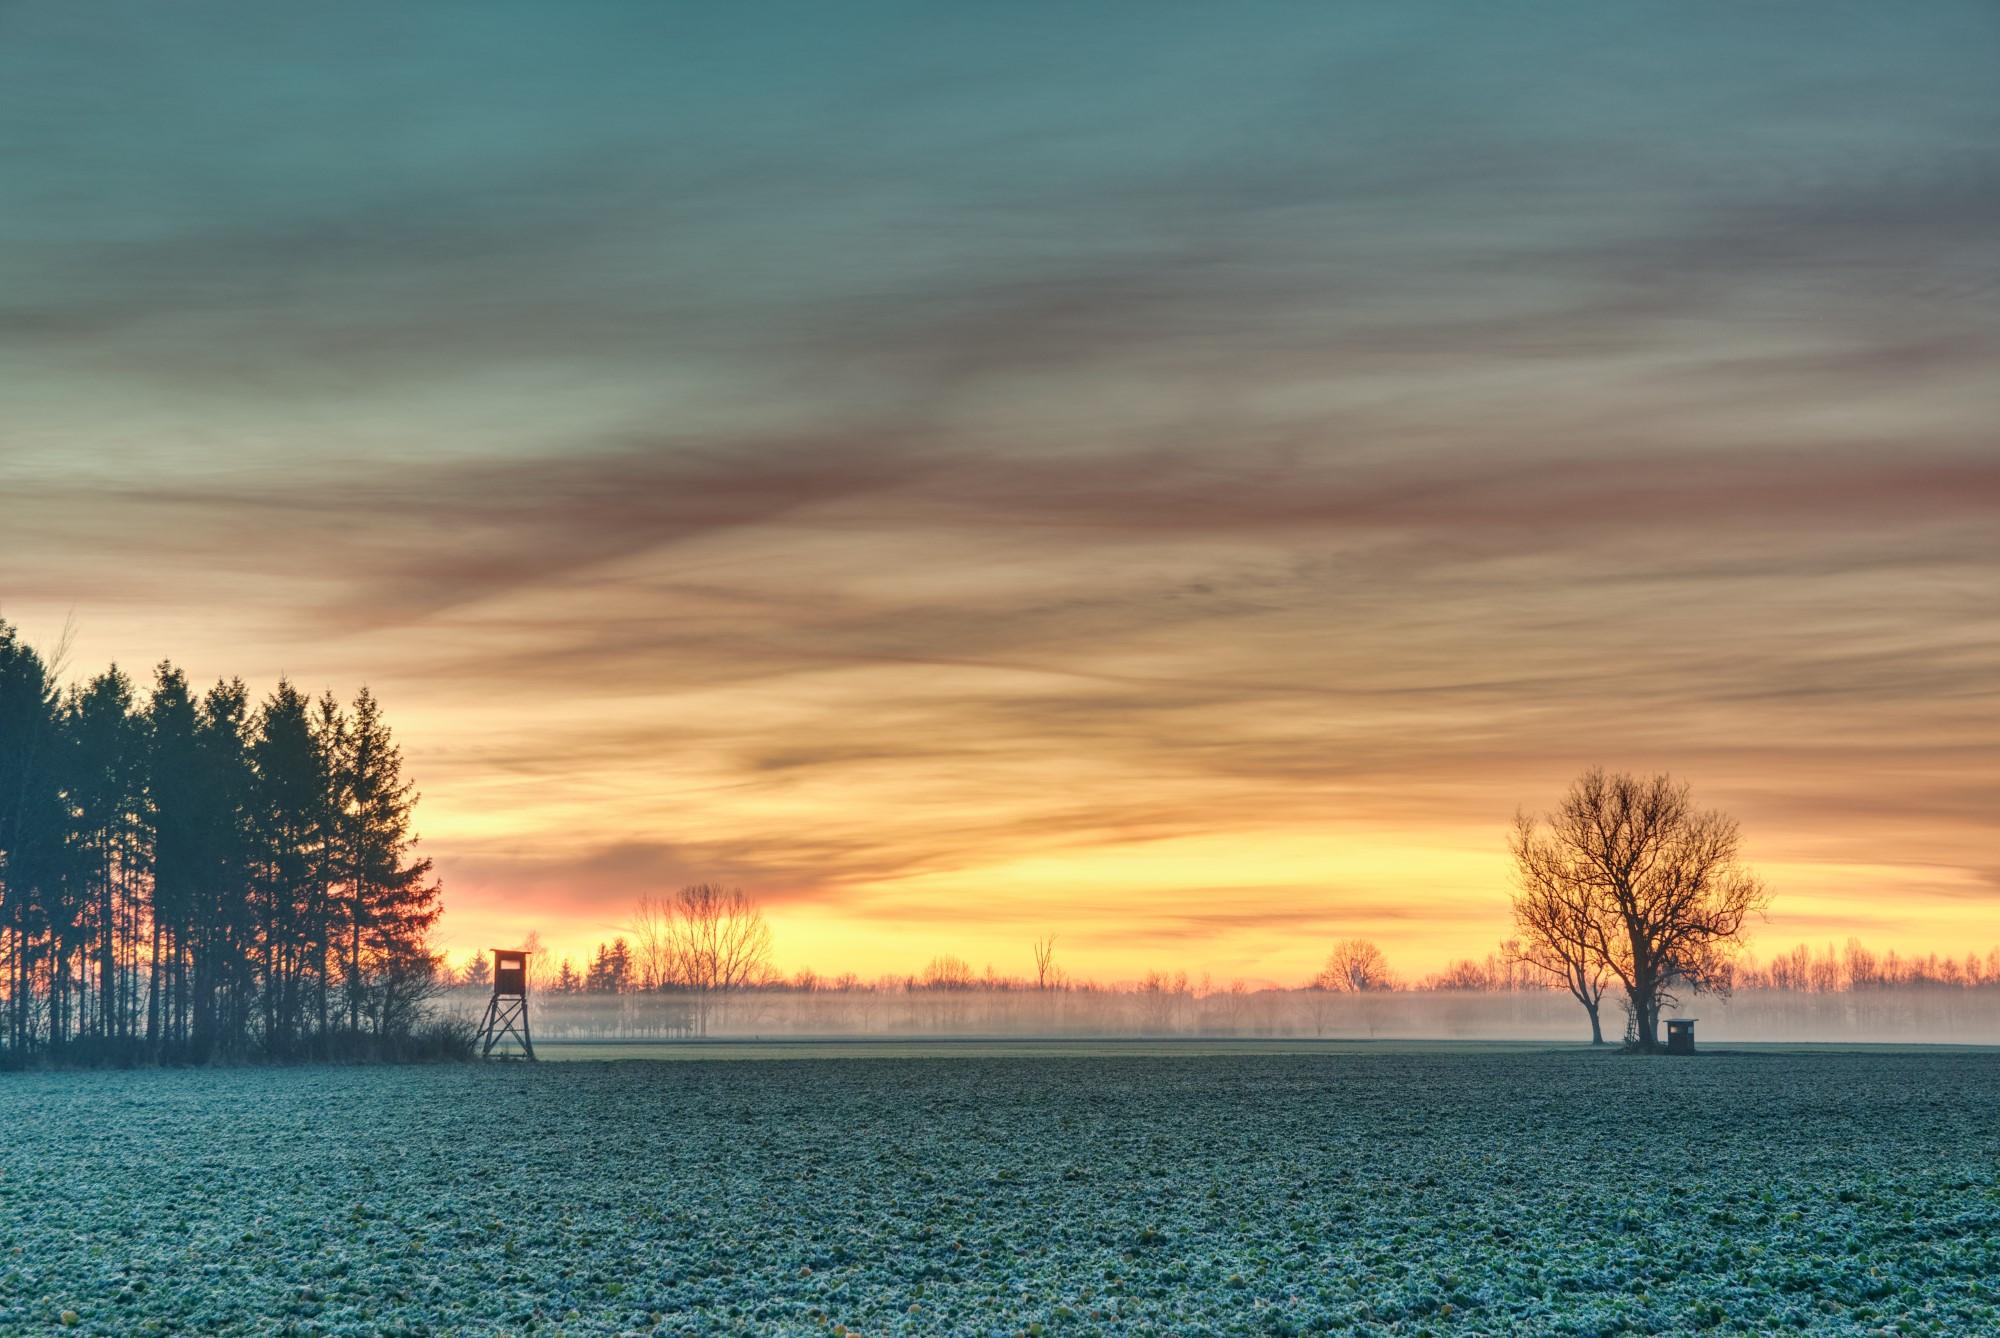 Sonnenaufgang im Hebertshauser Moos